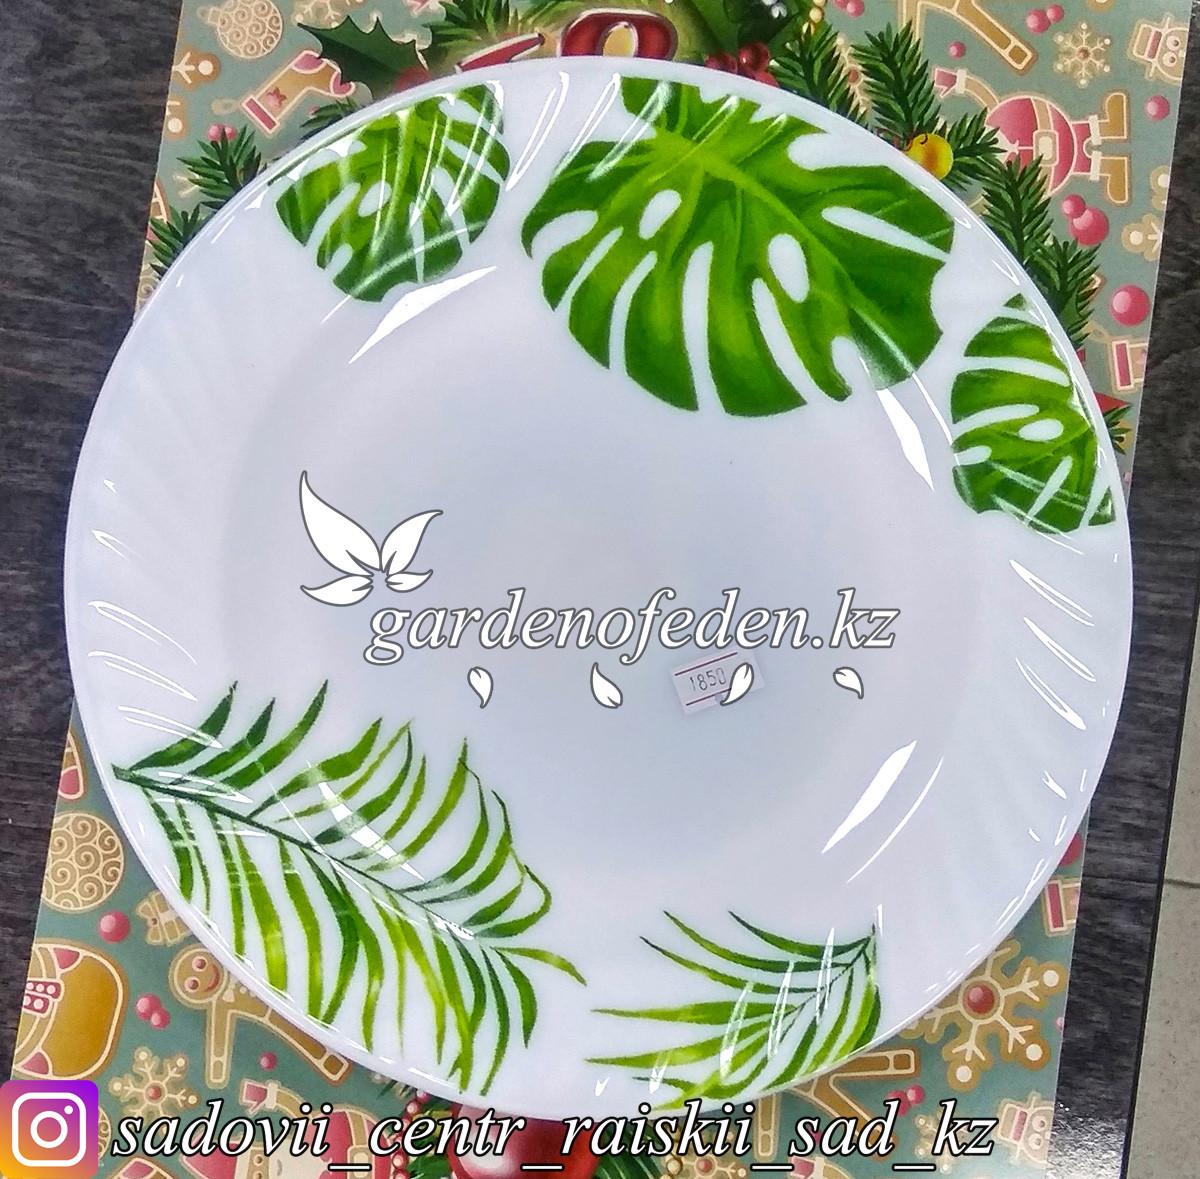 Тарелка обеденная, большая, с узором. Цвет: Белый. Материал: Керамика.